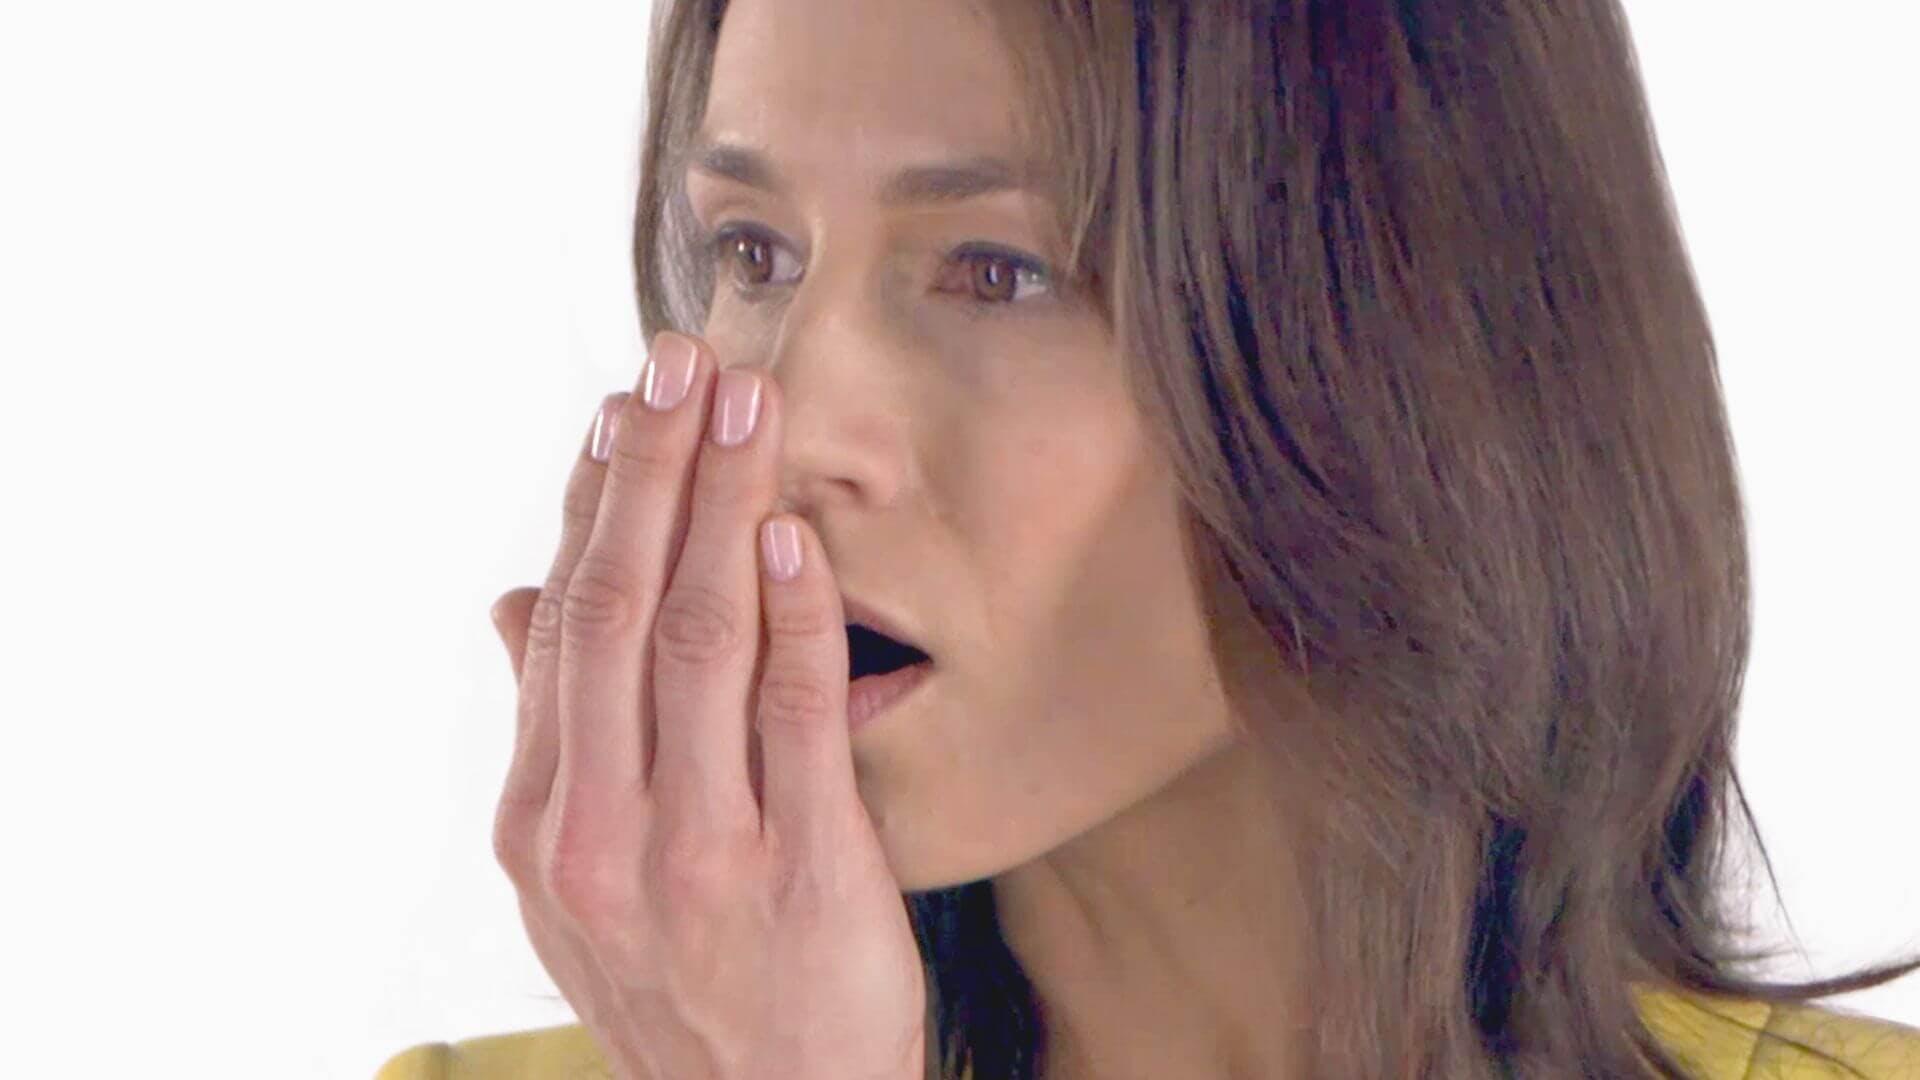 Žena, která kontroluje svůj dech